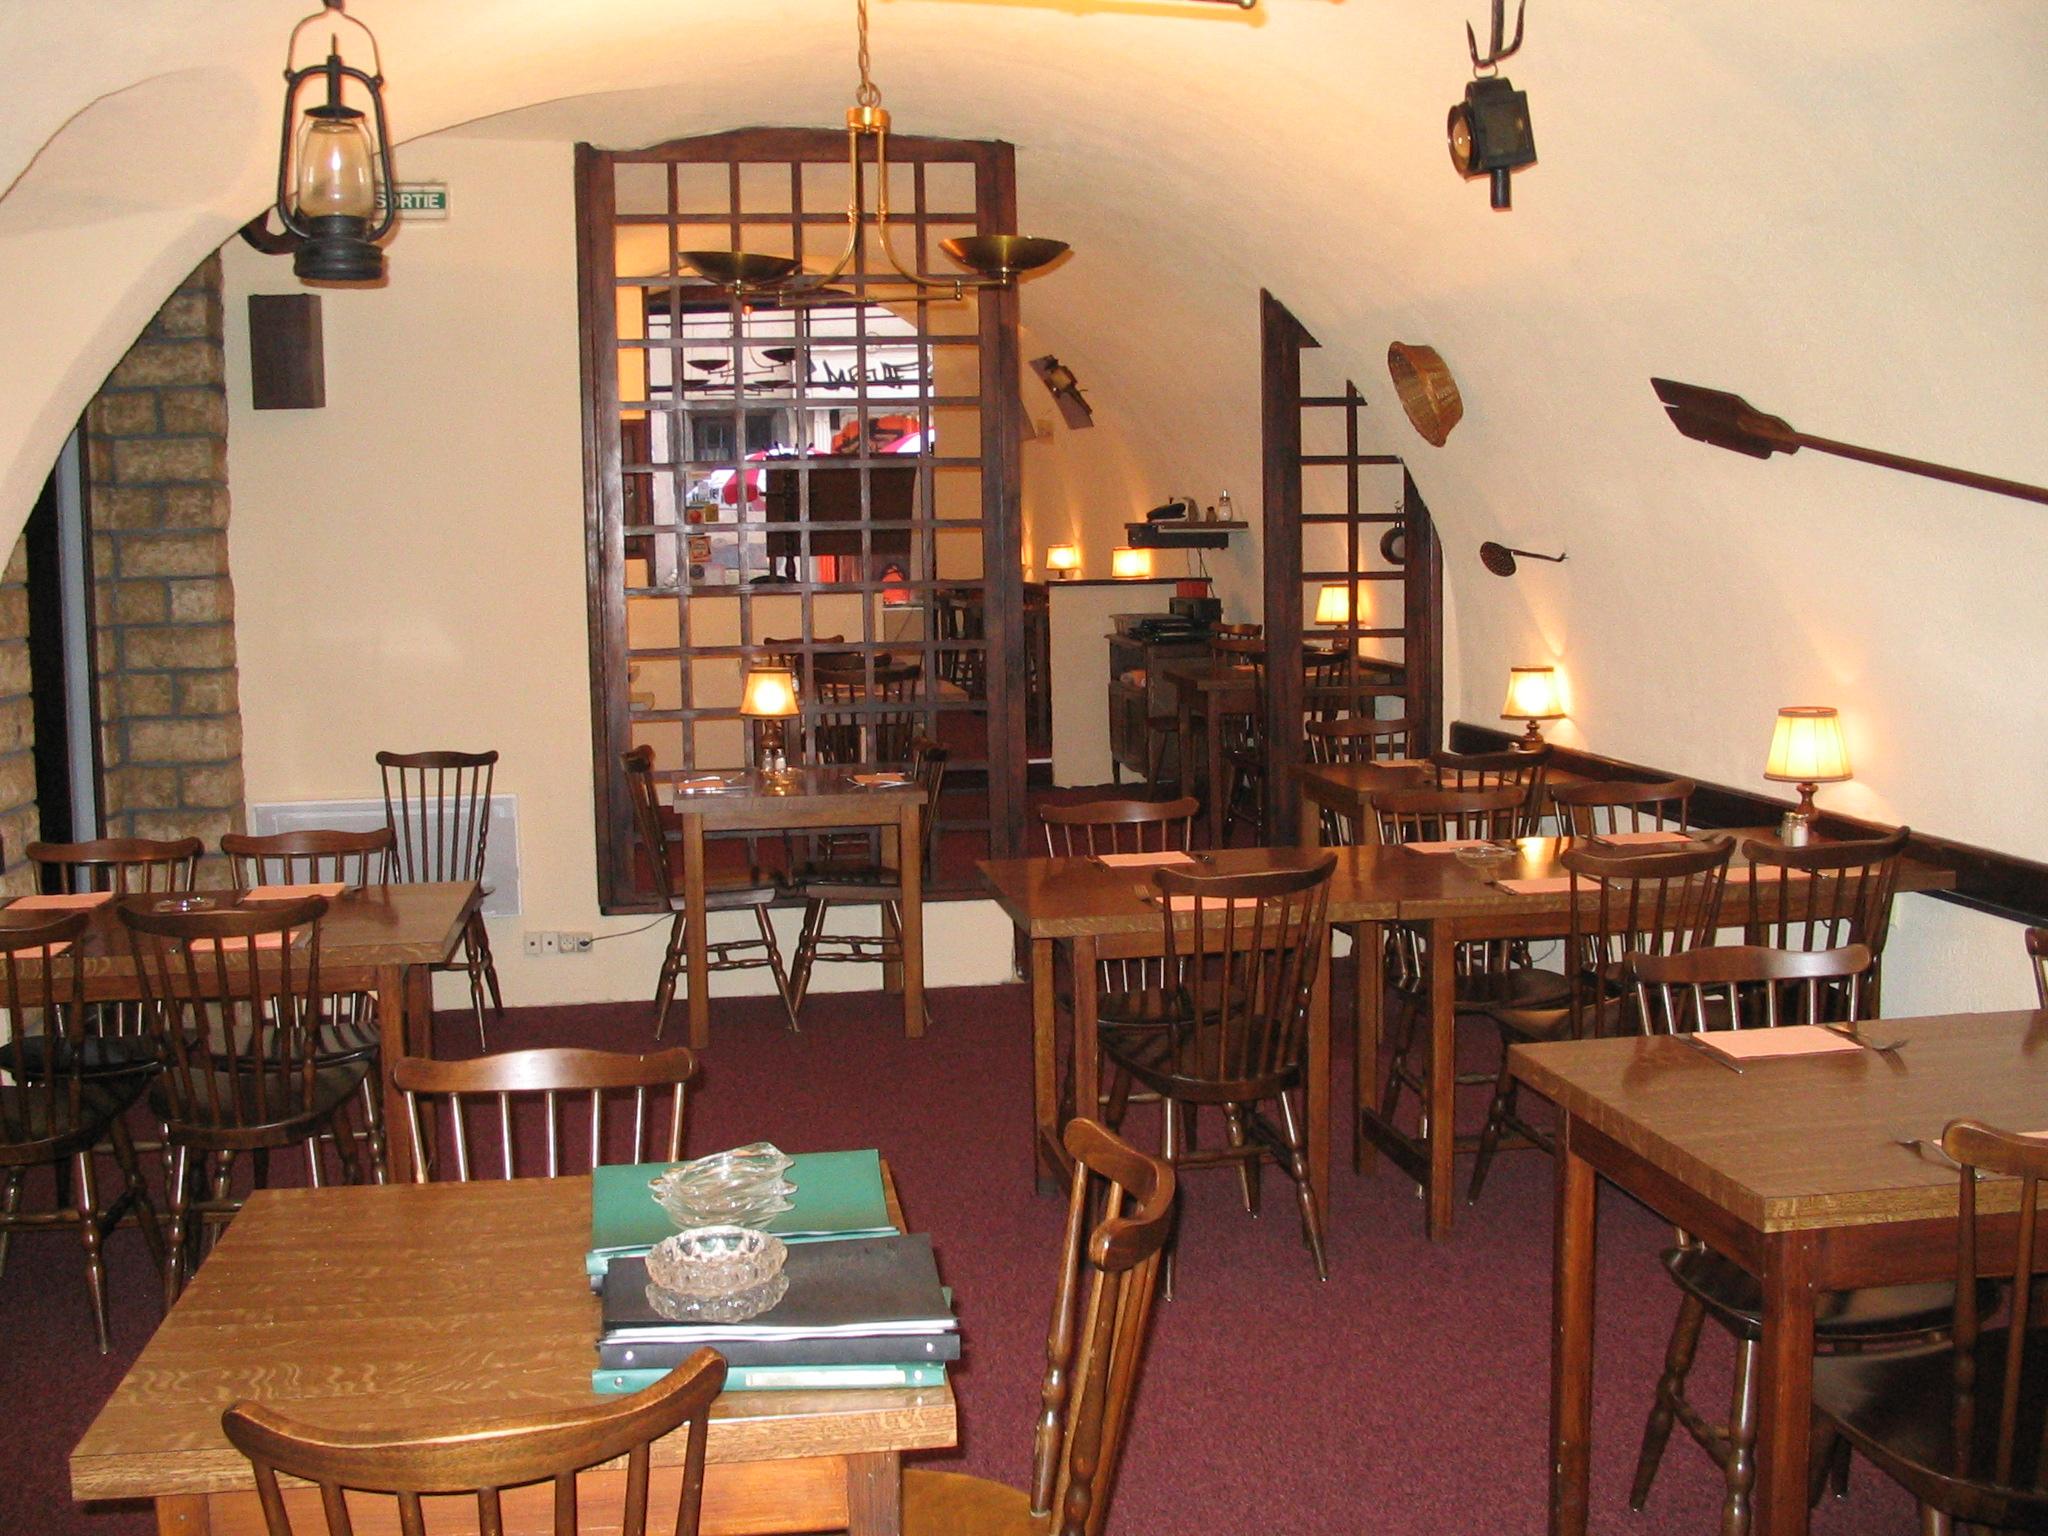 restaurant cr perie le menhir clermont ferrand avis menus photos plats du jour resto. Black Bedroom Furniture Sets. Home Design Ideas